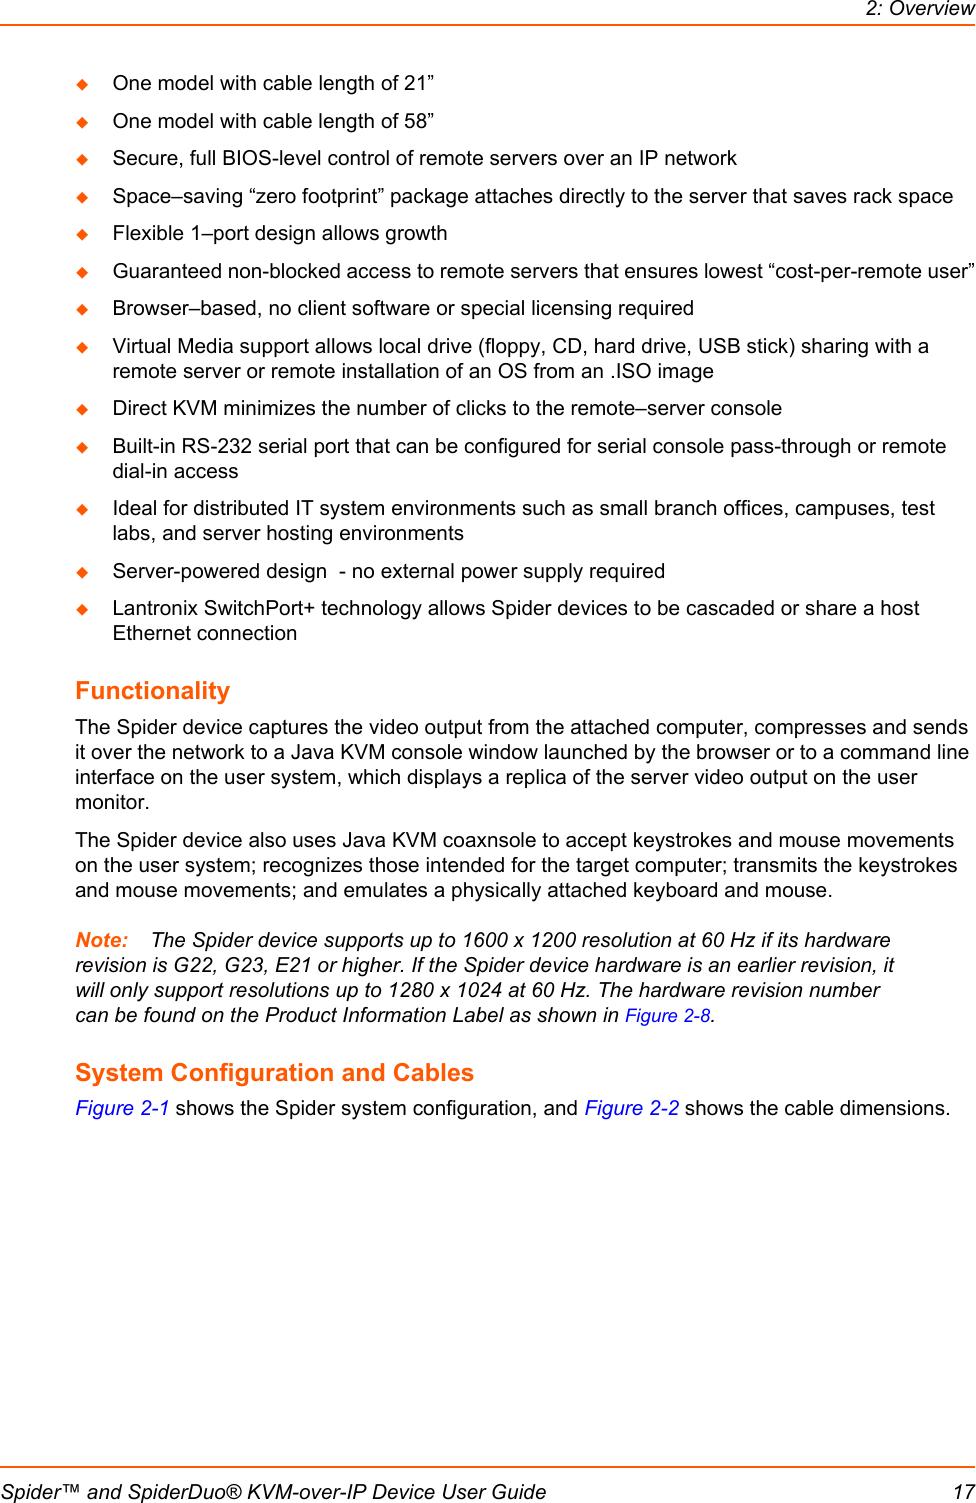 Lantronix Securelinx Spiderduo Kvm Switch Slslp400Ps201